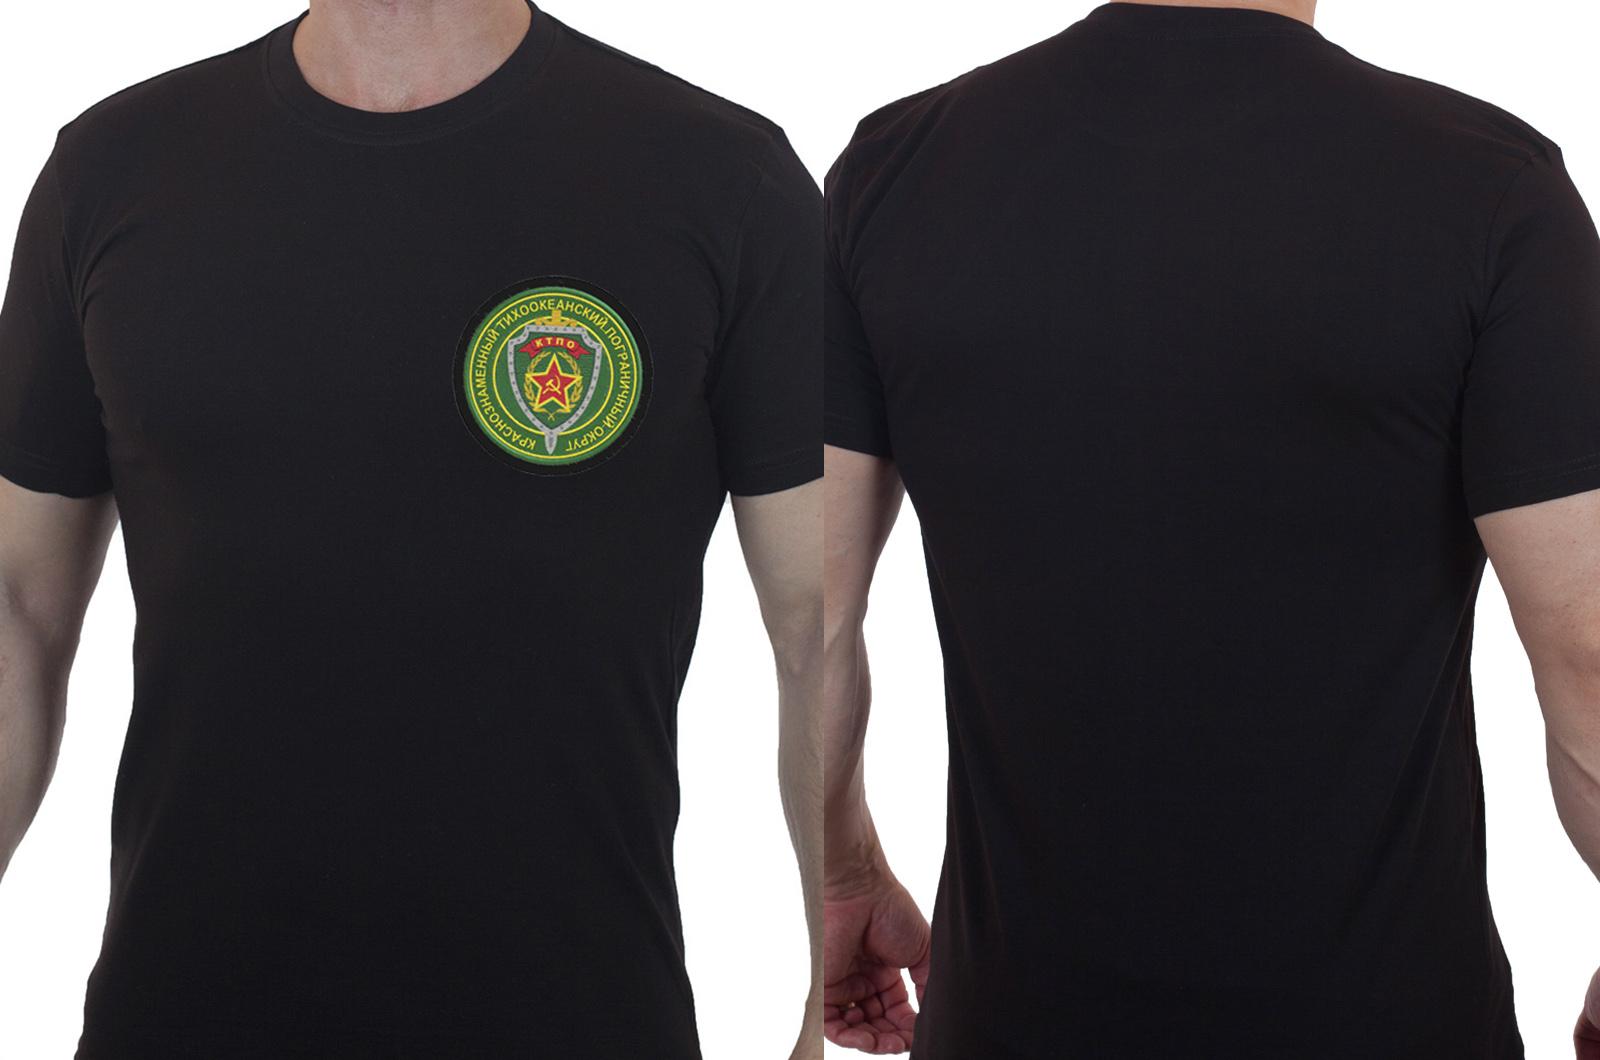 Мужская черная футболка с вышитым шевроном КТПО - заказать с доставкой